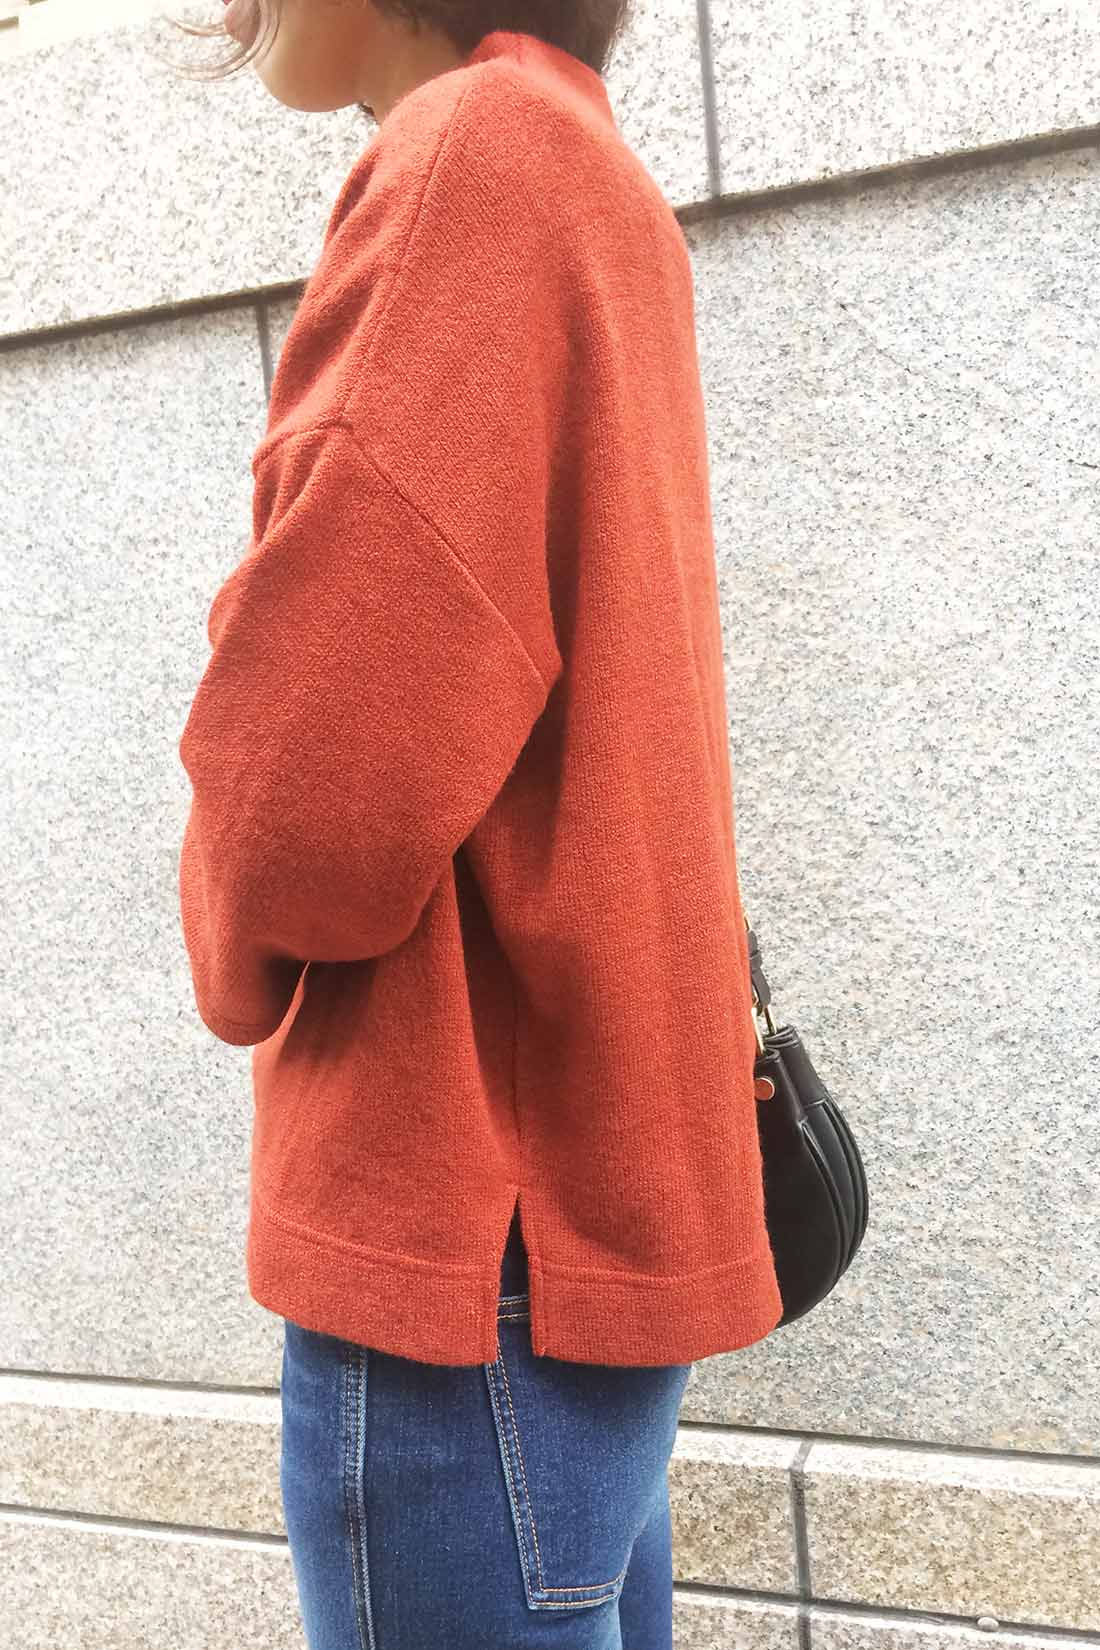 サイドのスリットやドロップショルダーでより今年らしい雰囲気に。 スタッフ着用 身長:166㎝ 着用サイズ:M